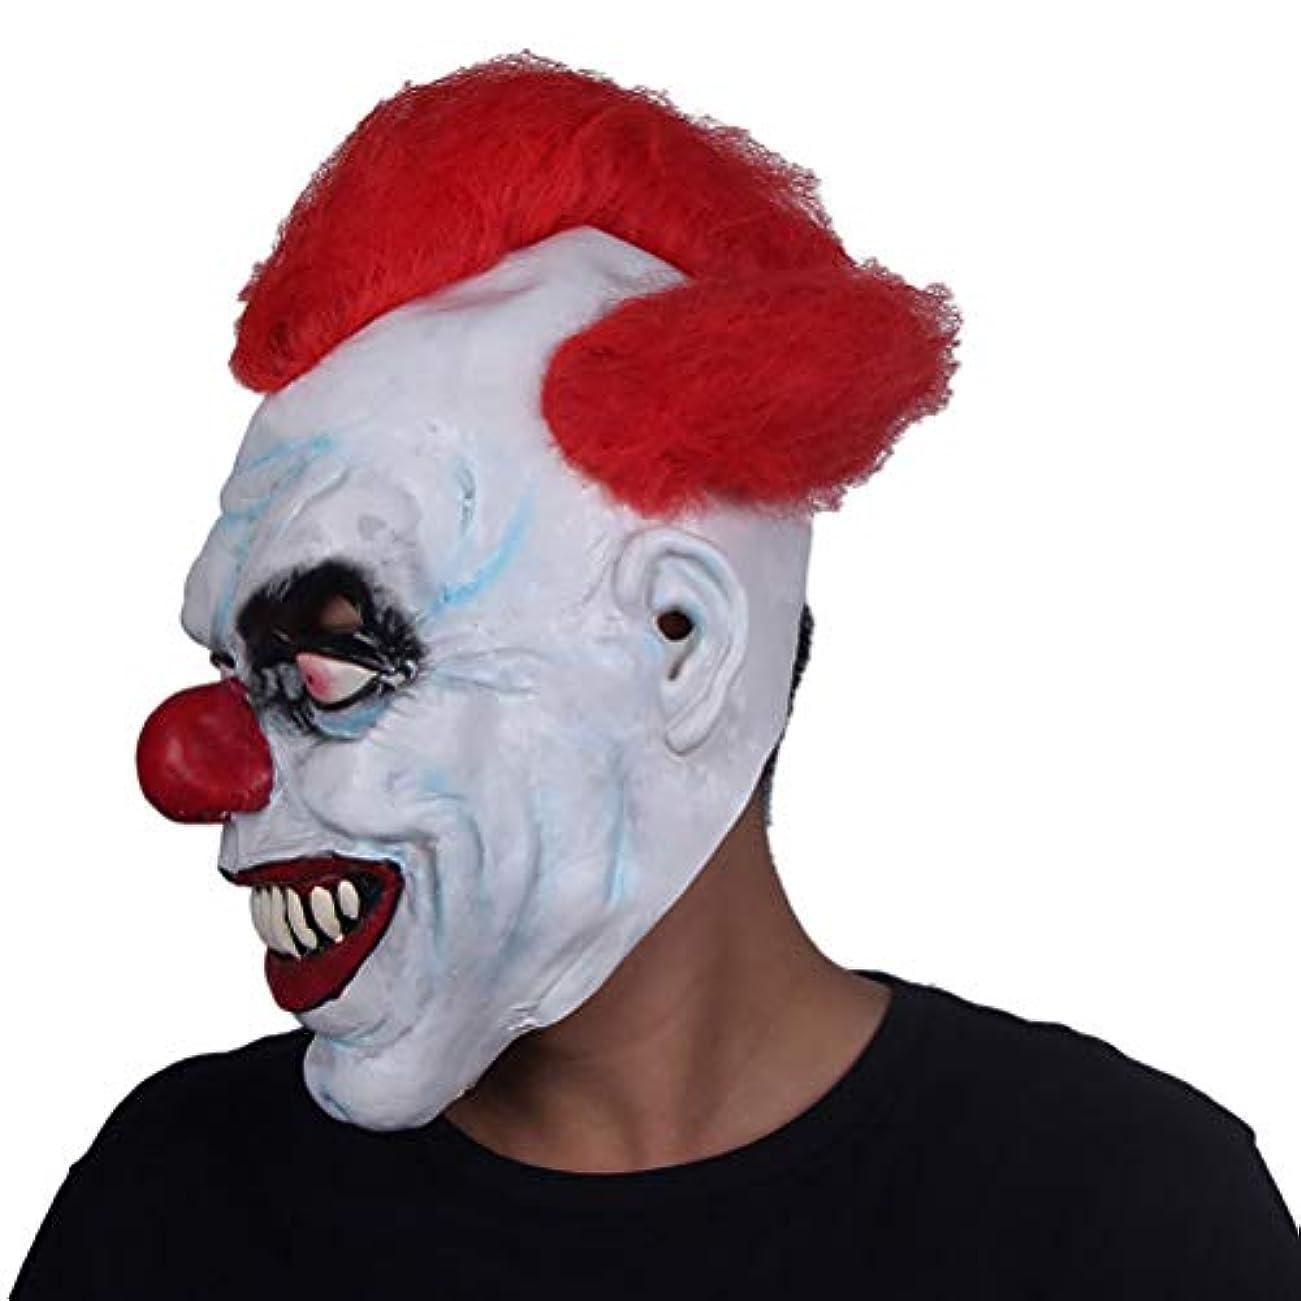 ジョージハンブリー危険それからハロウィン大人のラテックスホラーマスクしかめっ面マスクパーティーマスク怖い悪魔マスク映画小道具仮面舞踏会マスク